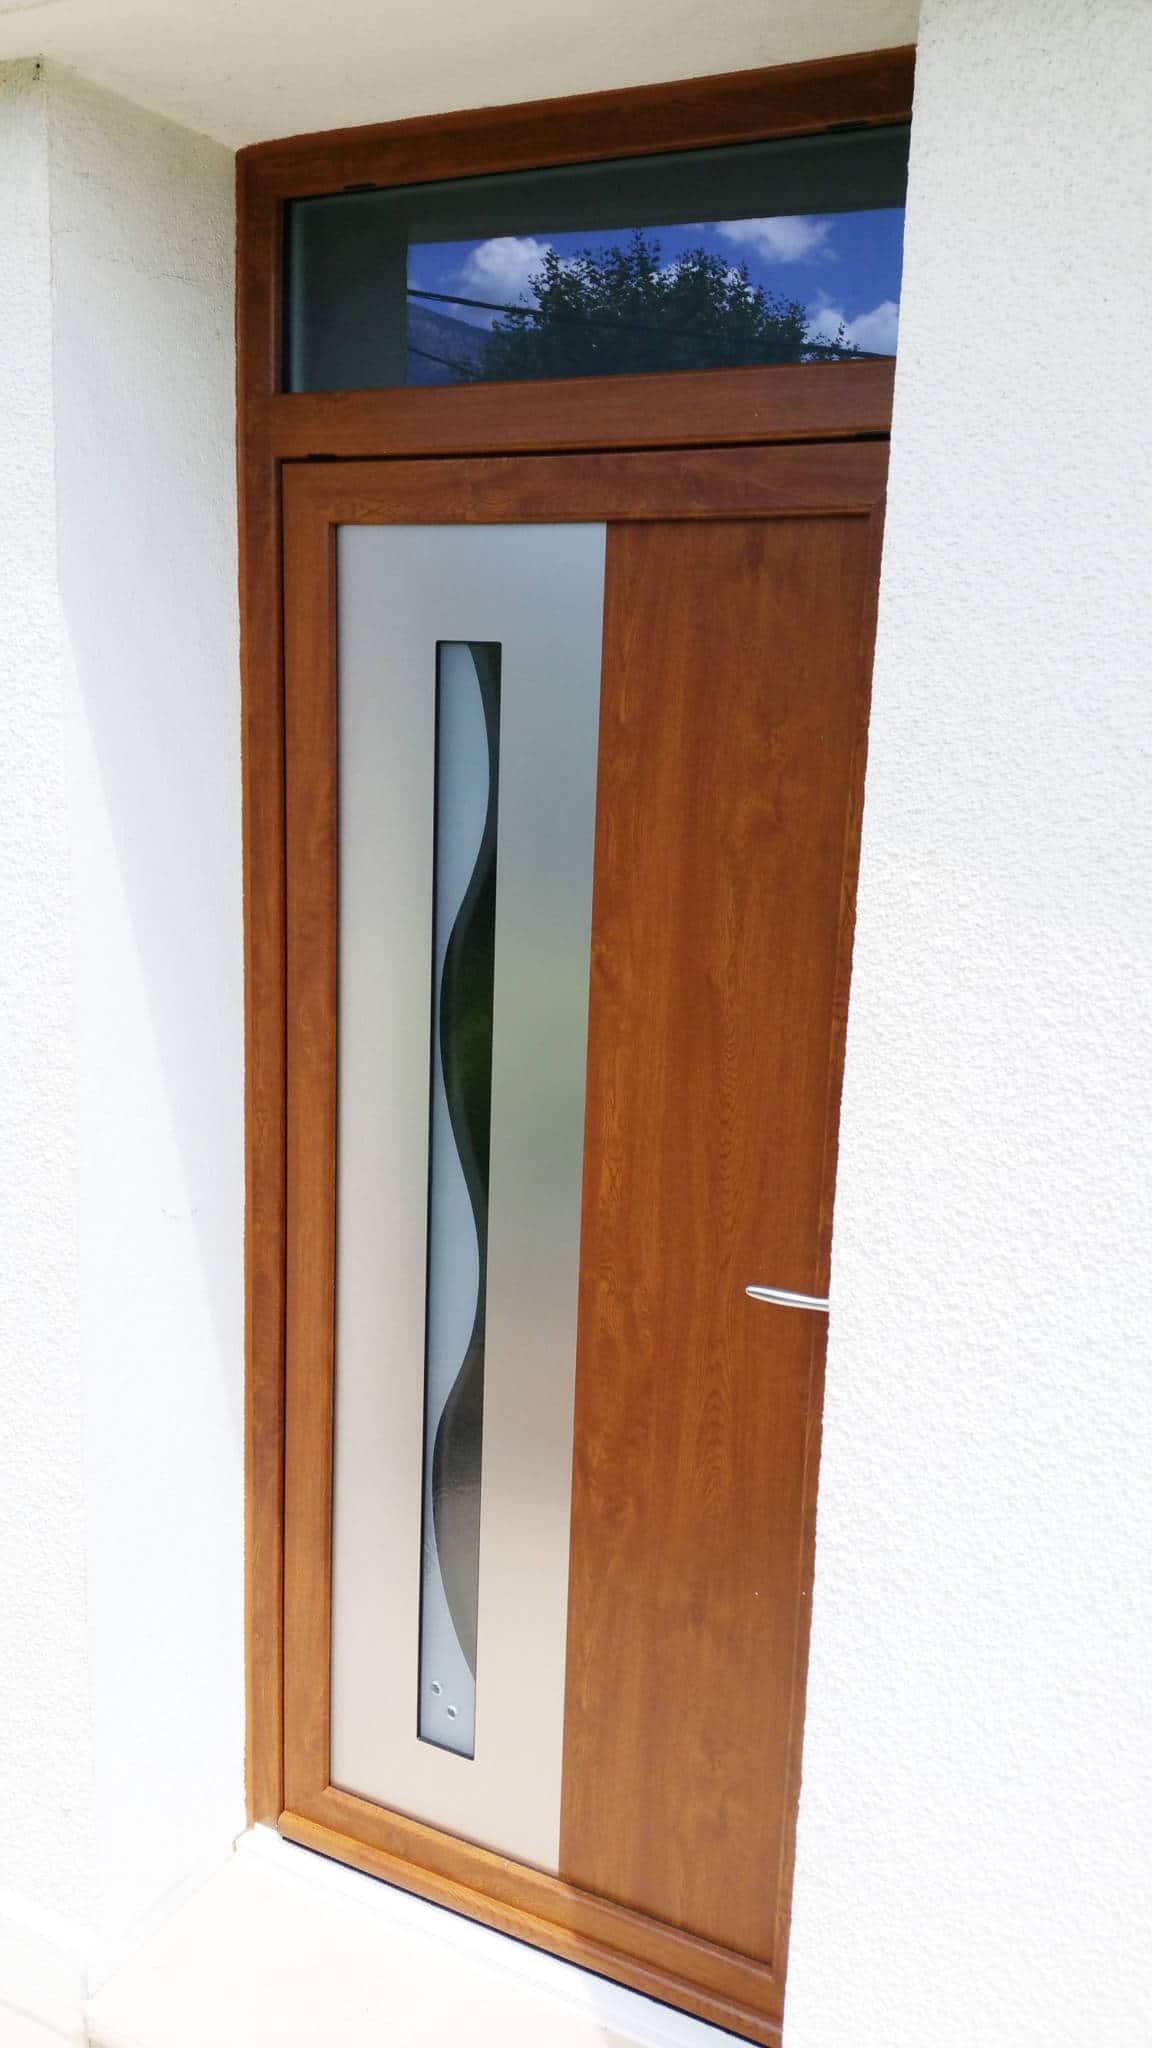 Vieille Porte En Bois Coulissante pose d'une porte d'entrée en pvc imitation bois (coloris